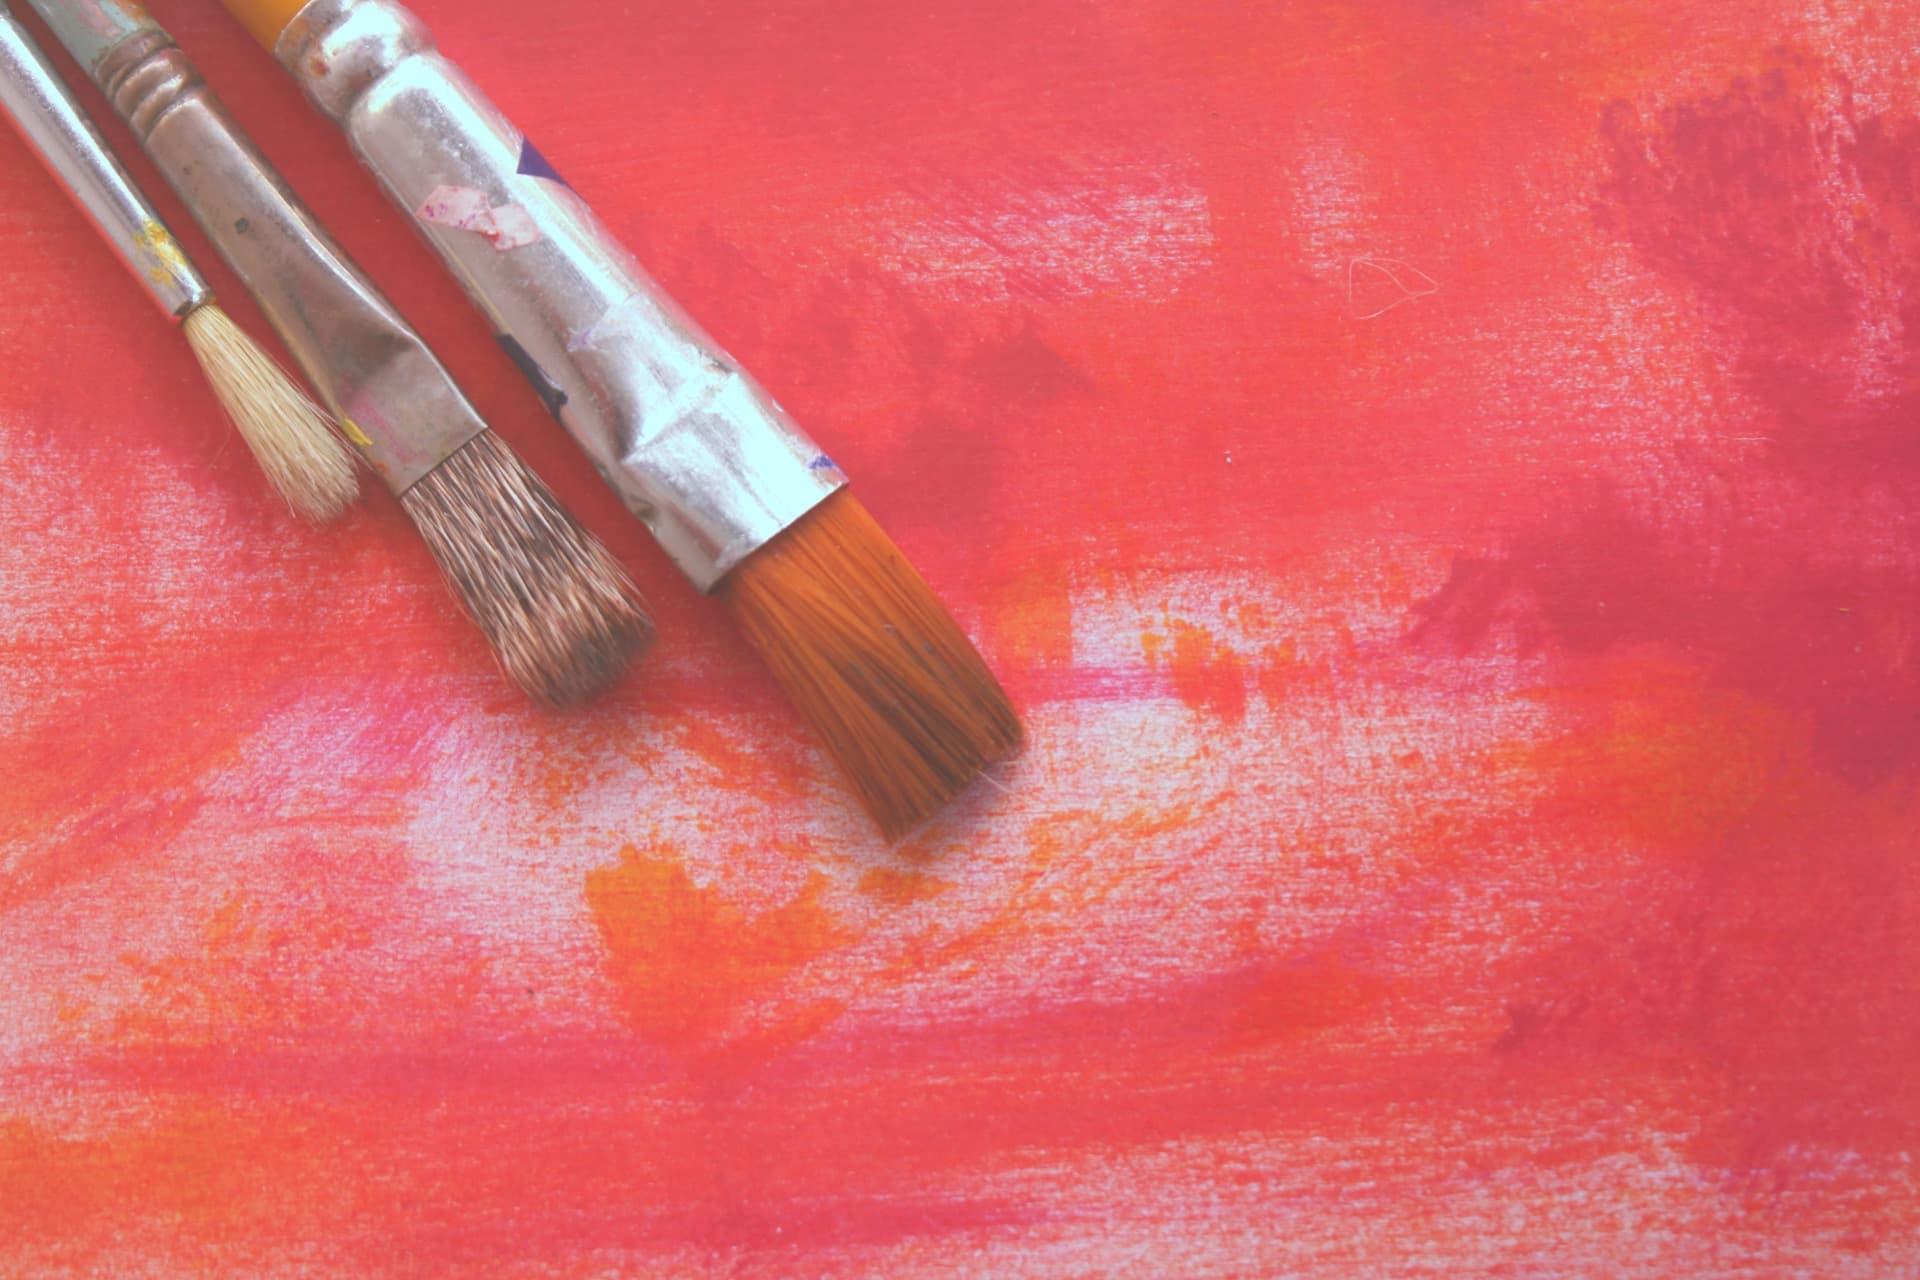 Style-Cadre-Charleroi-Vente-Art-253682